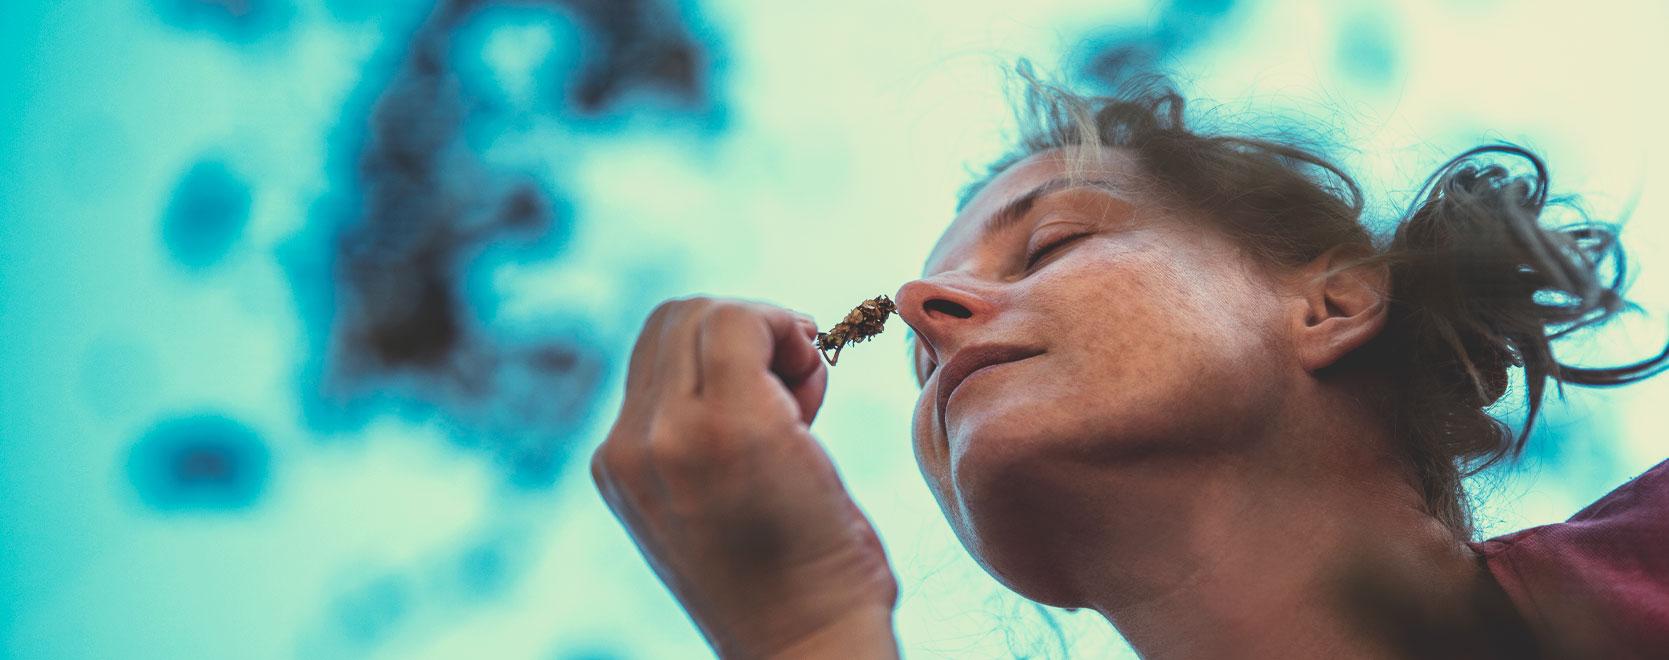 ¿Puede la marihuana ayudar a las personas a lidiar con la ansiedad, el estrés, la pérdida de peso, dejar de beber alcohol…?